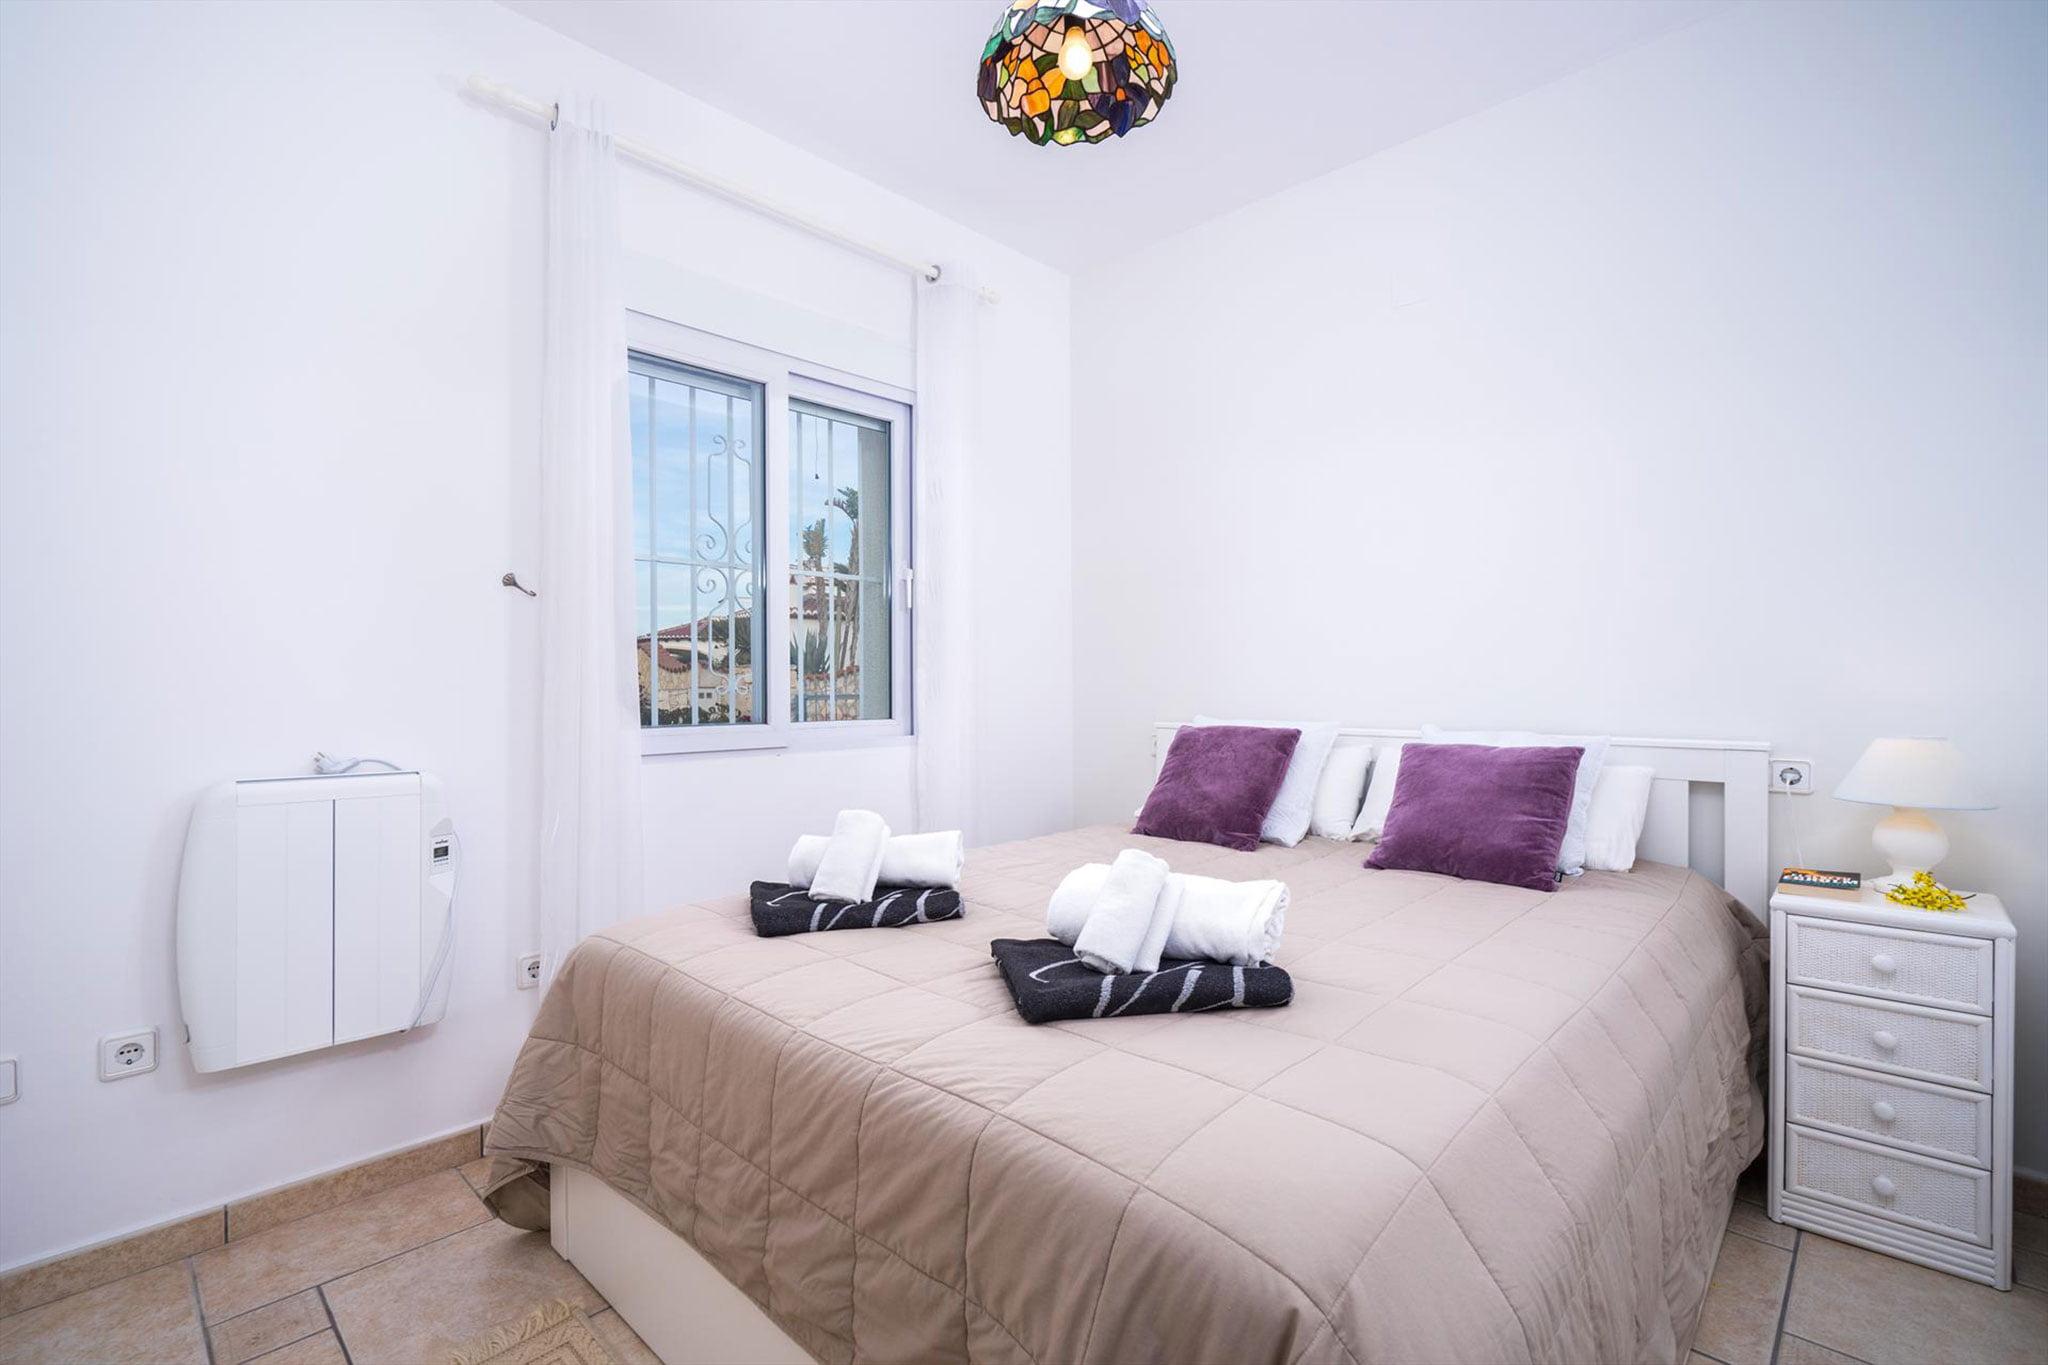 Casa con tres dormitorios para vacaciones en Jávea – Aguila Rent a Villa